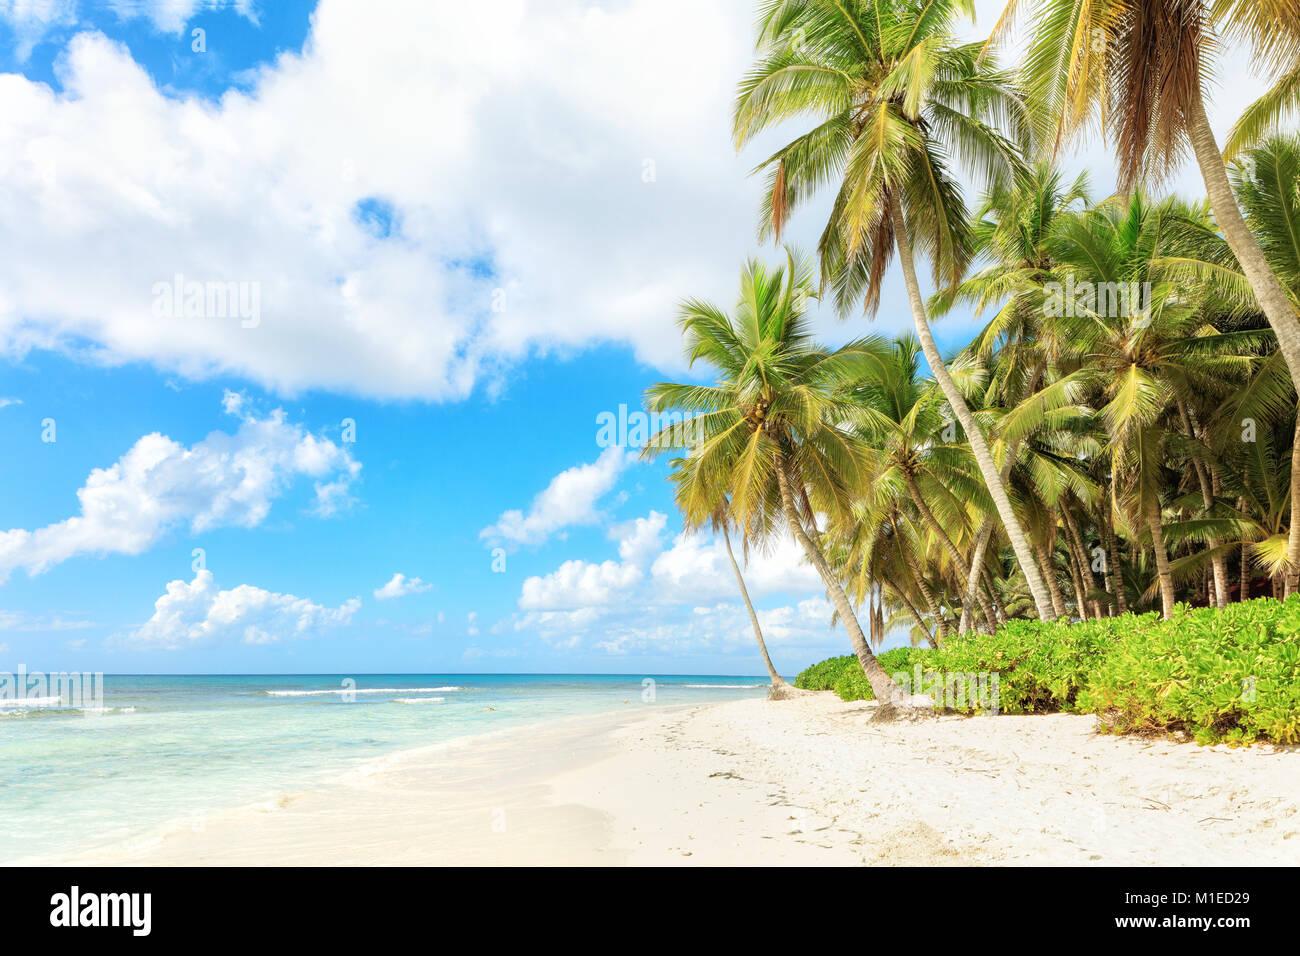 Vacances en République Dominicaine Photo Stock